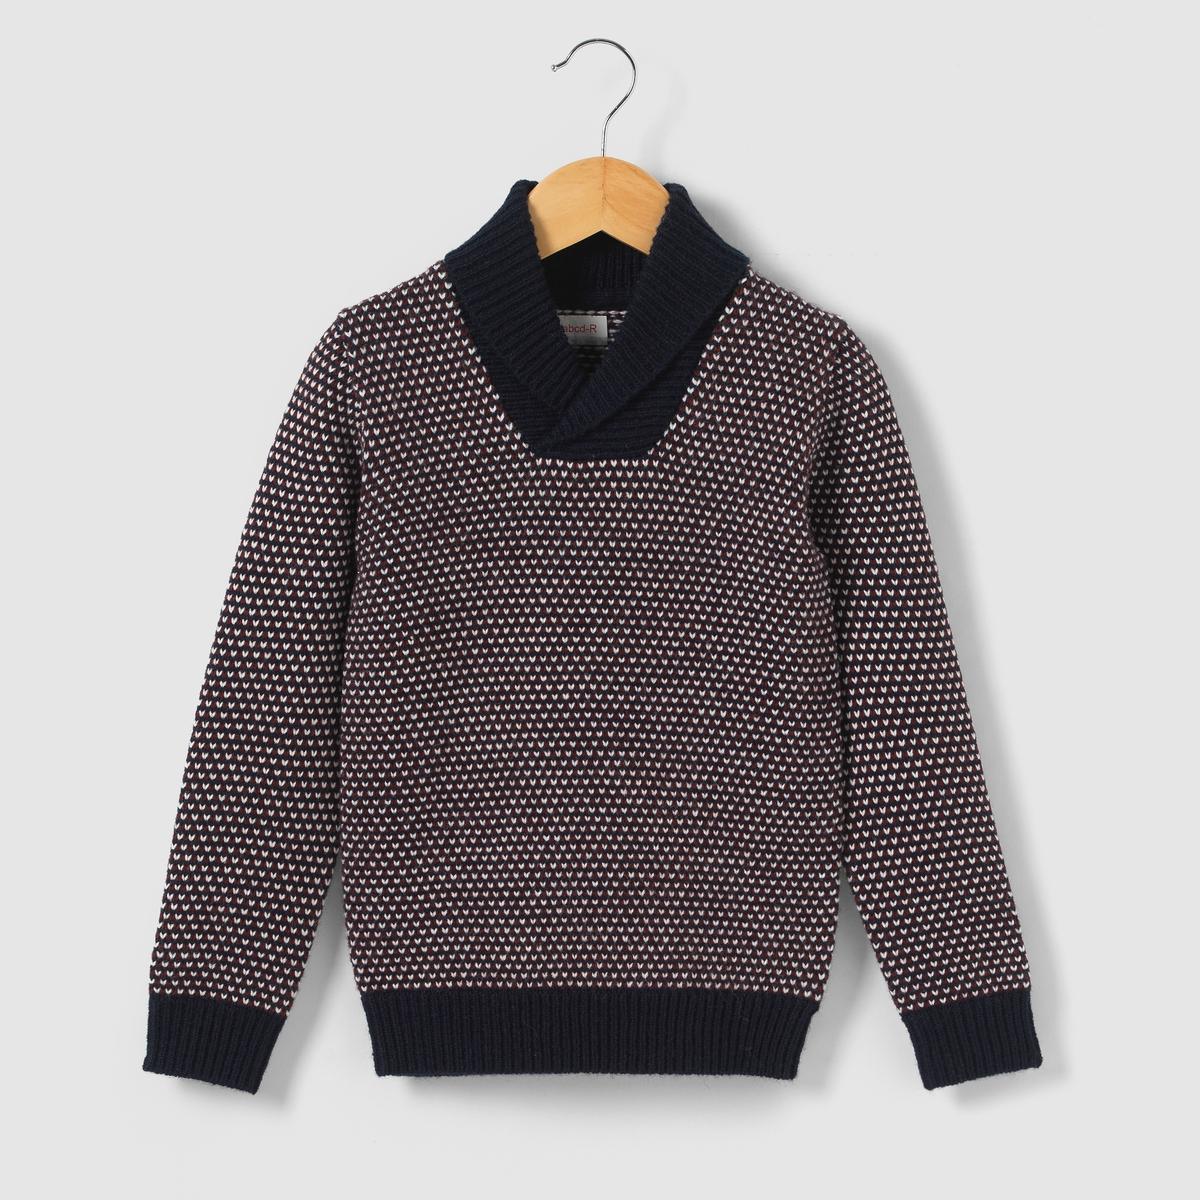 Пуловер теплый с шалевым воротником, 3-12 лет